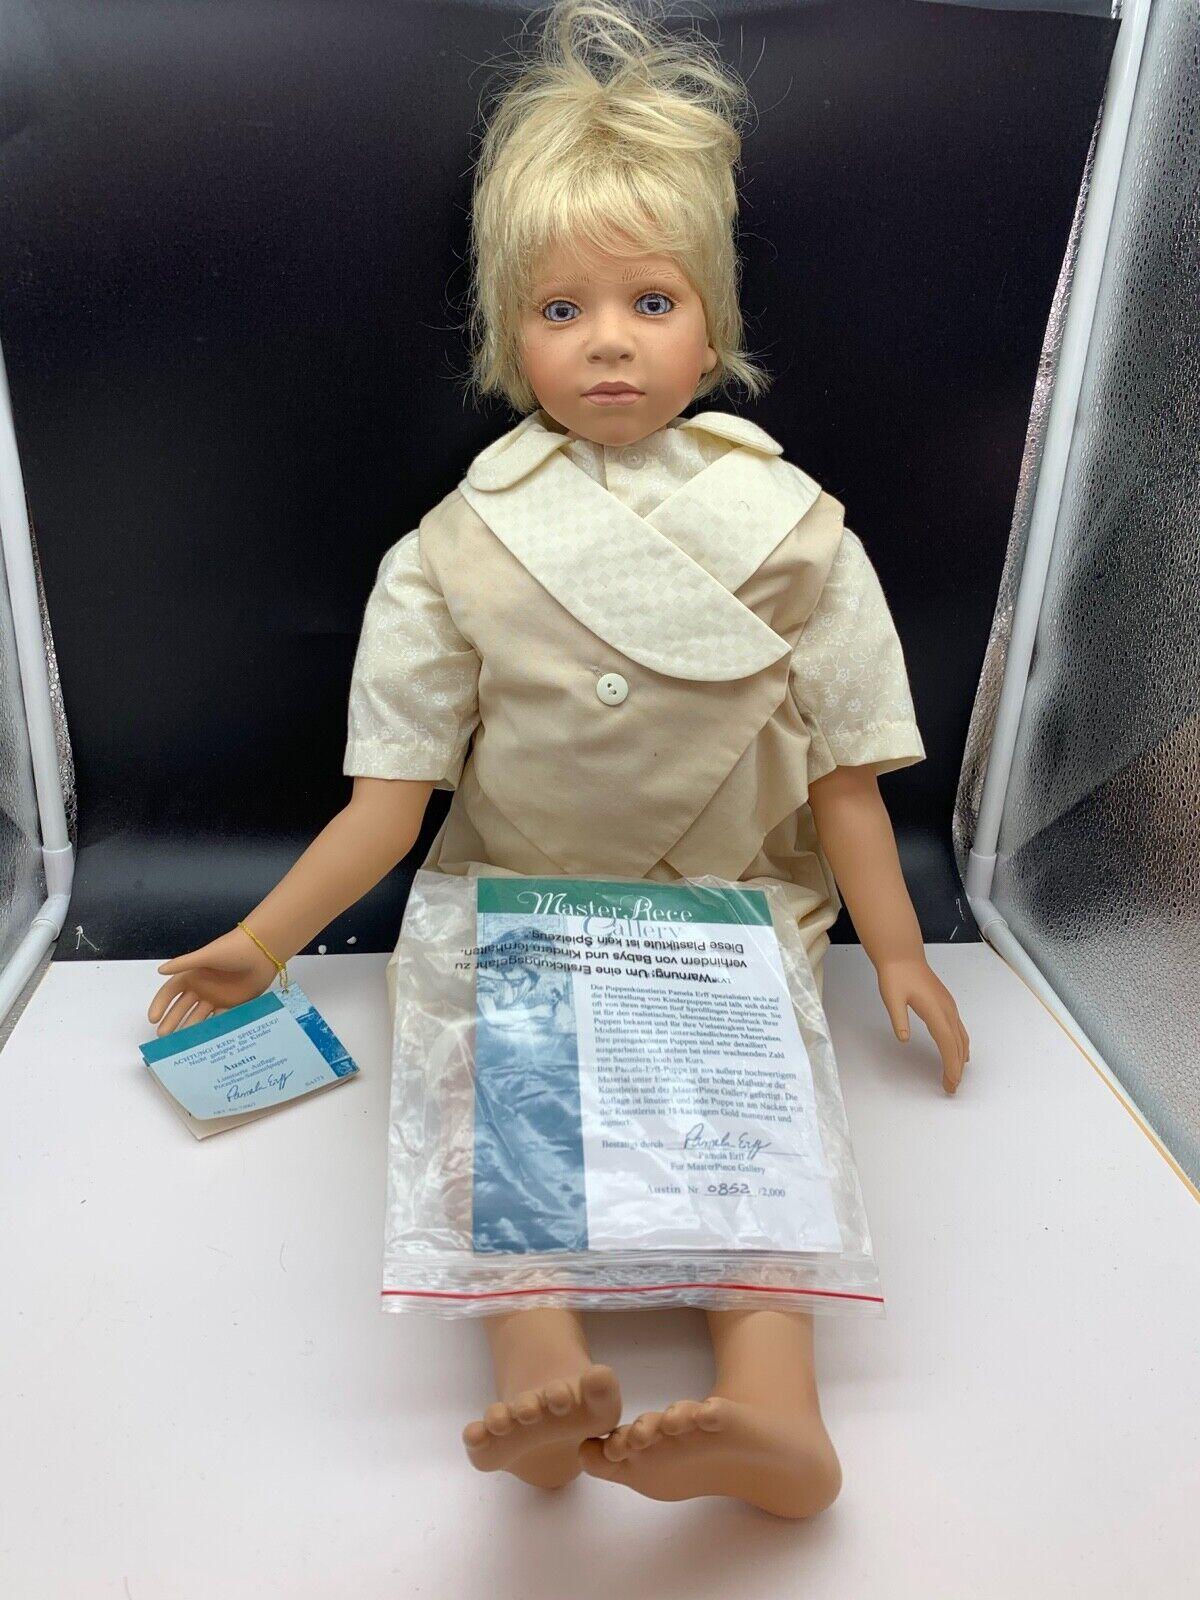 Pamela Erff Künstlerpuppe Porzellan Doll 72 cm. Limitierte Auflage. Top Zustand